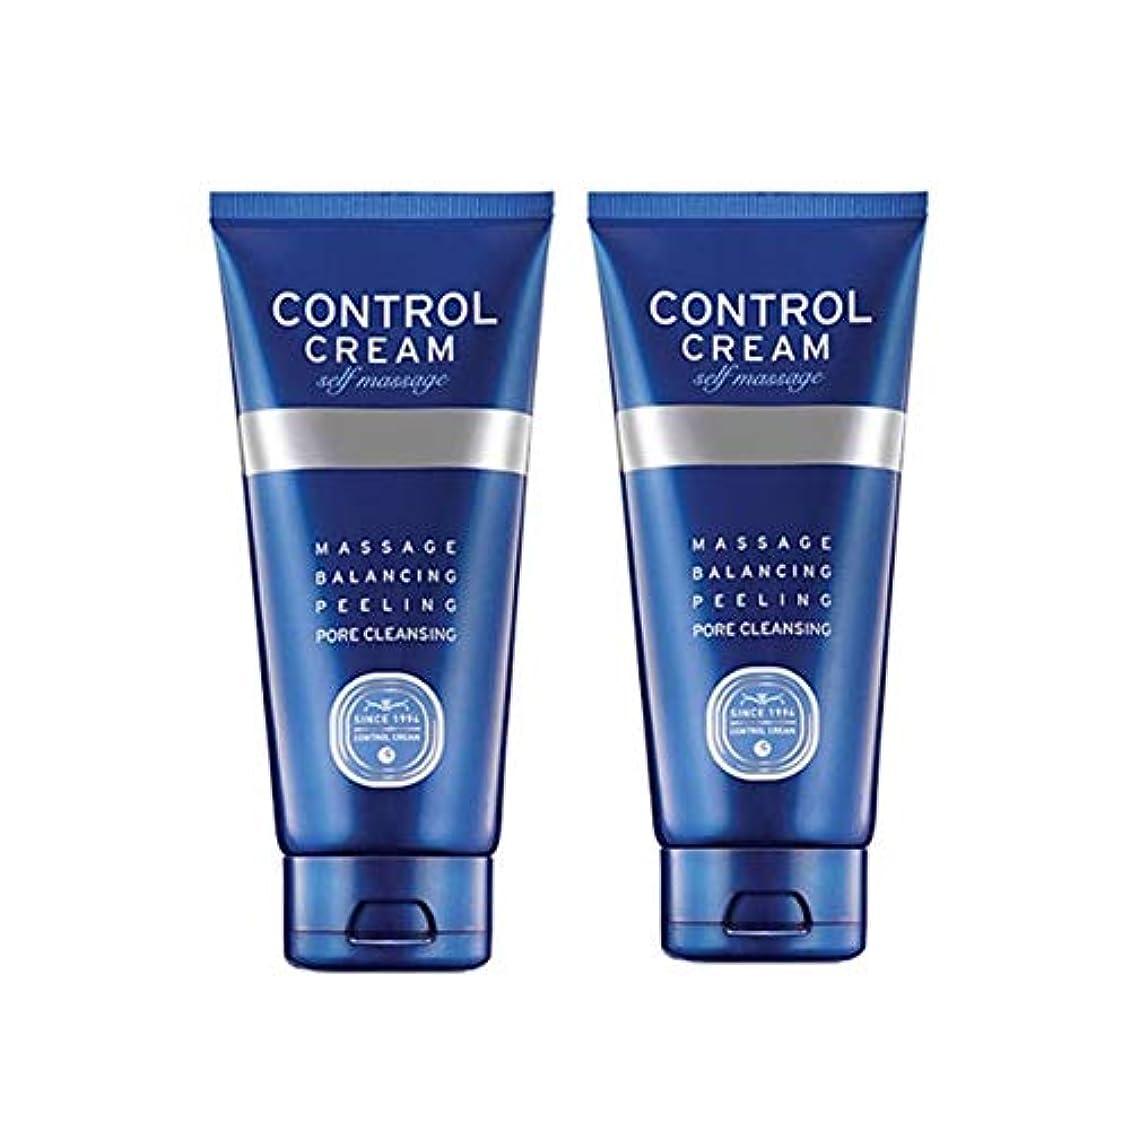 柔和悪化するおチャムジョンコントロールクリームセルフマッサージ150ml x 2本セット、Charmzone Control Cream Self Massage 150ml x 2ea Set [並行輸入品]